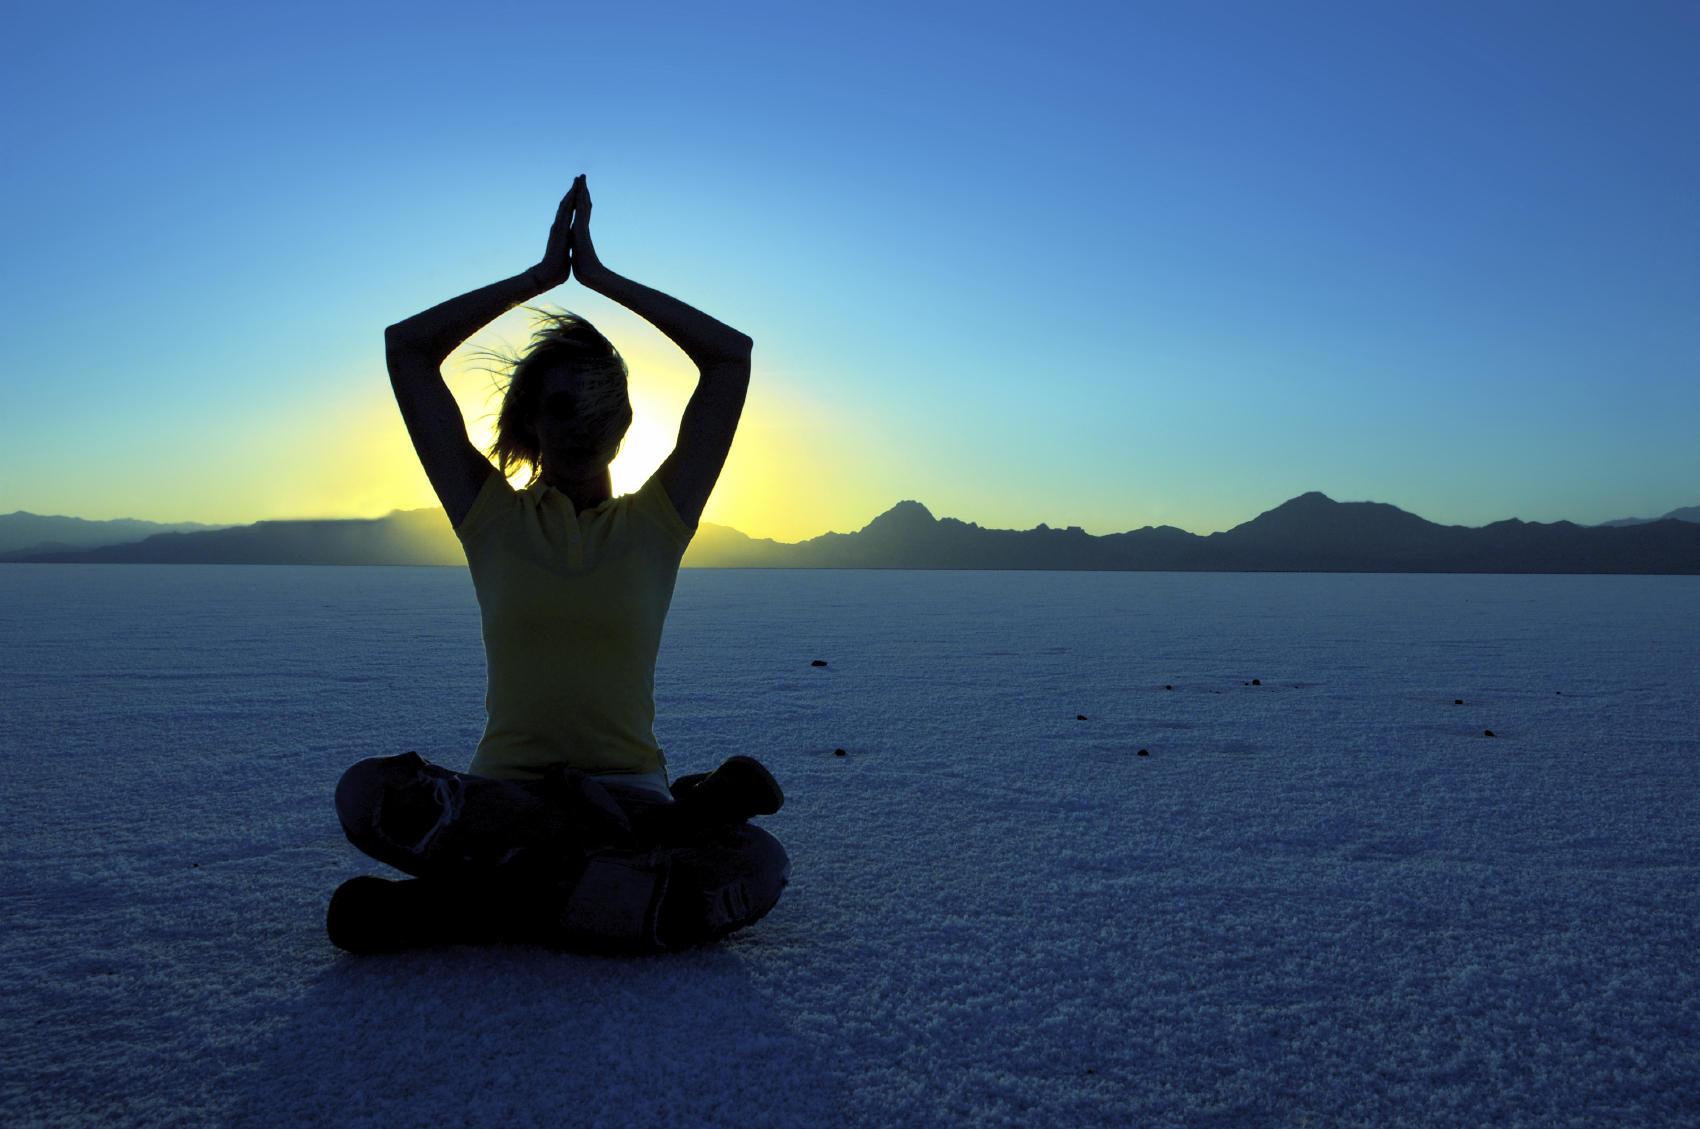 Как научиться медитации начинающим в домашних условиях?